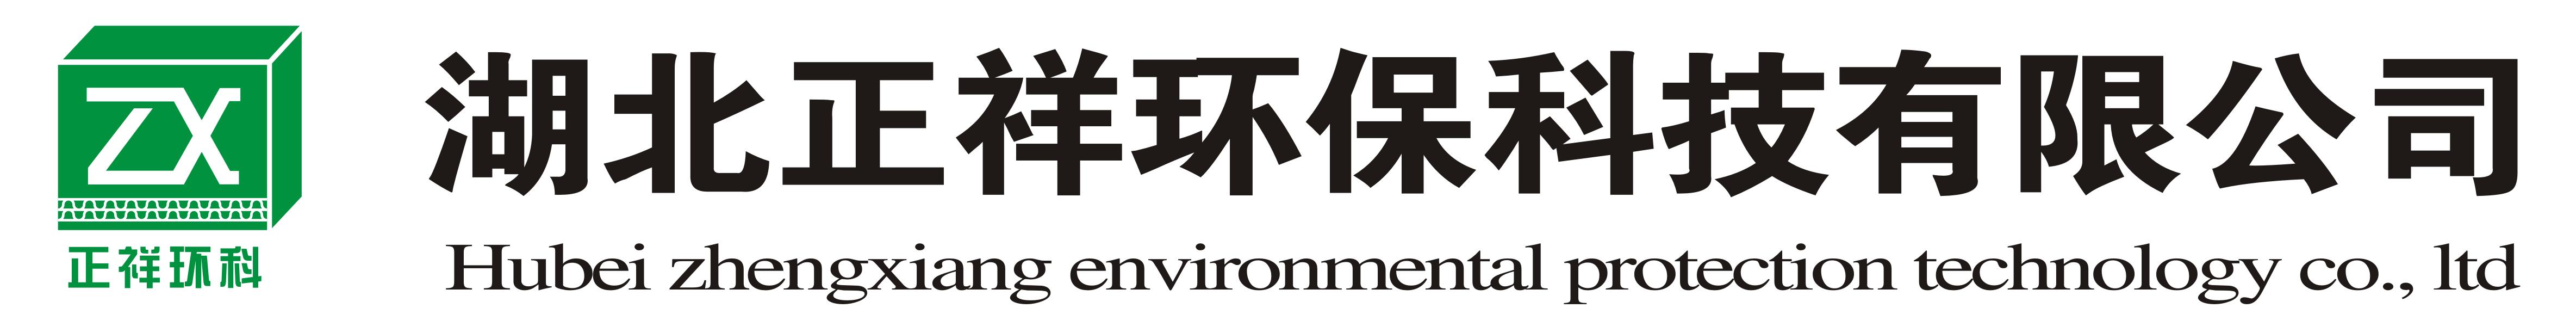 湖北正祥环保科技有限公司